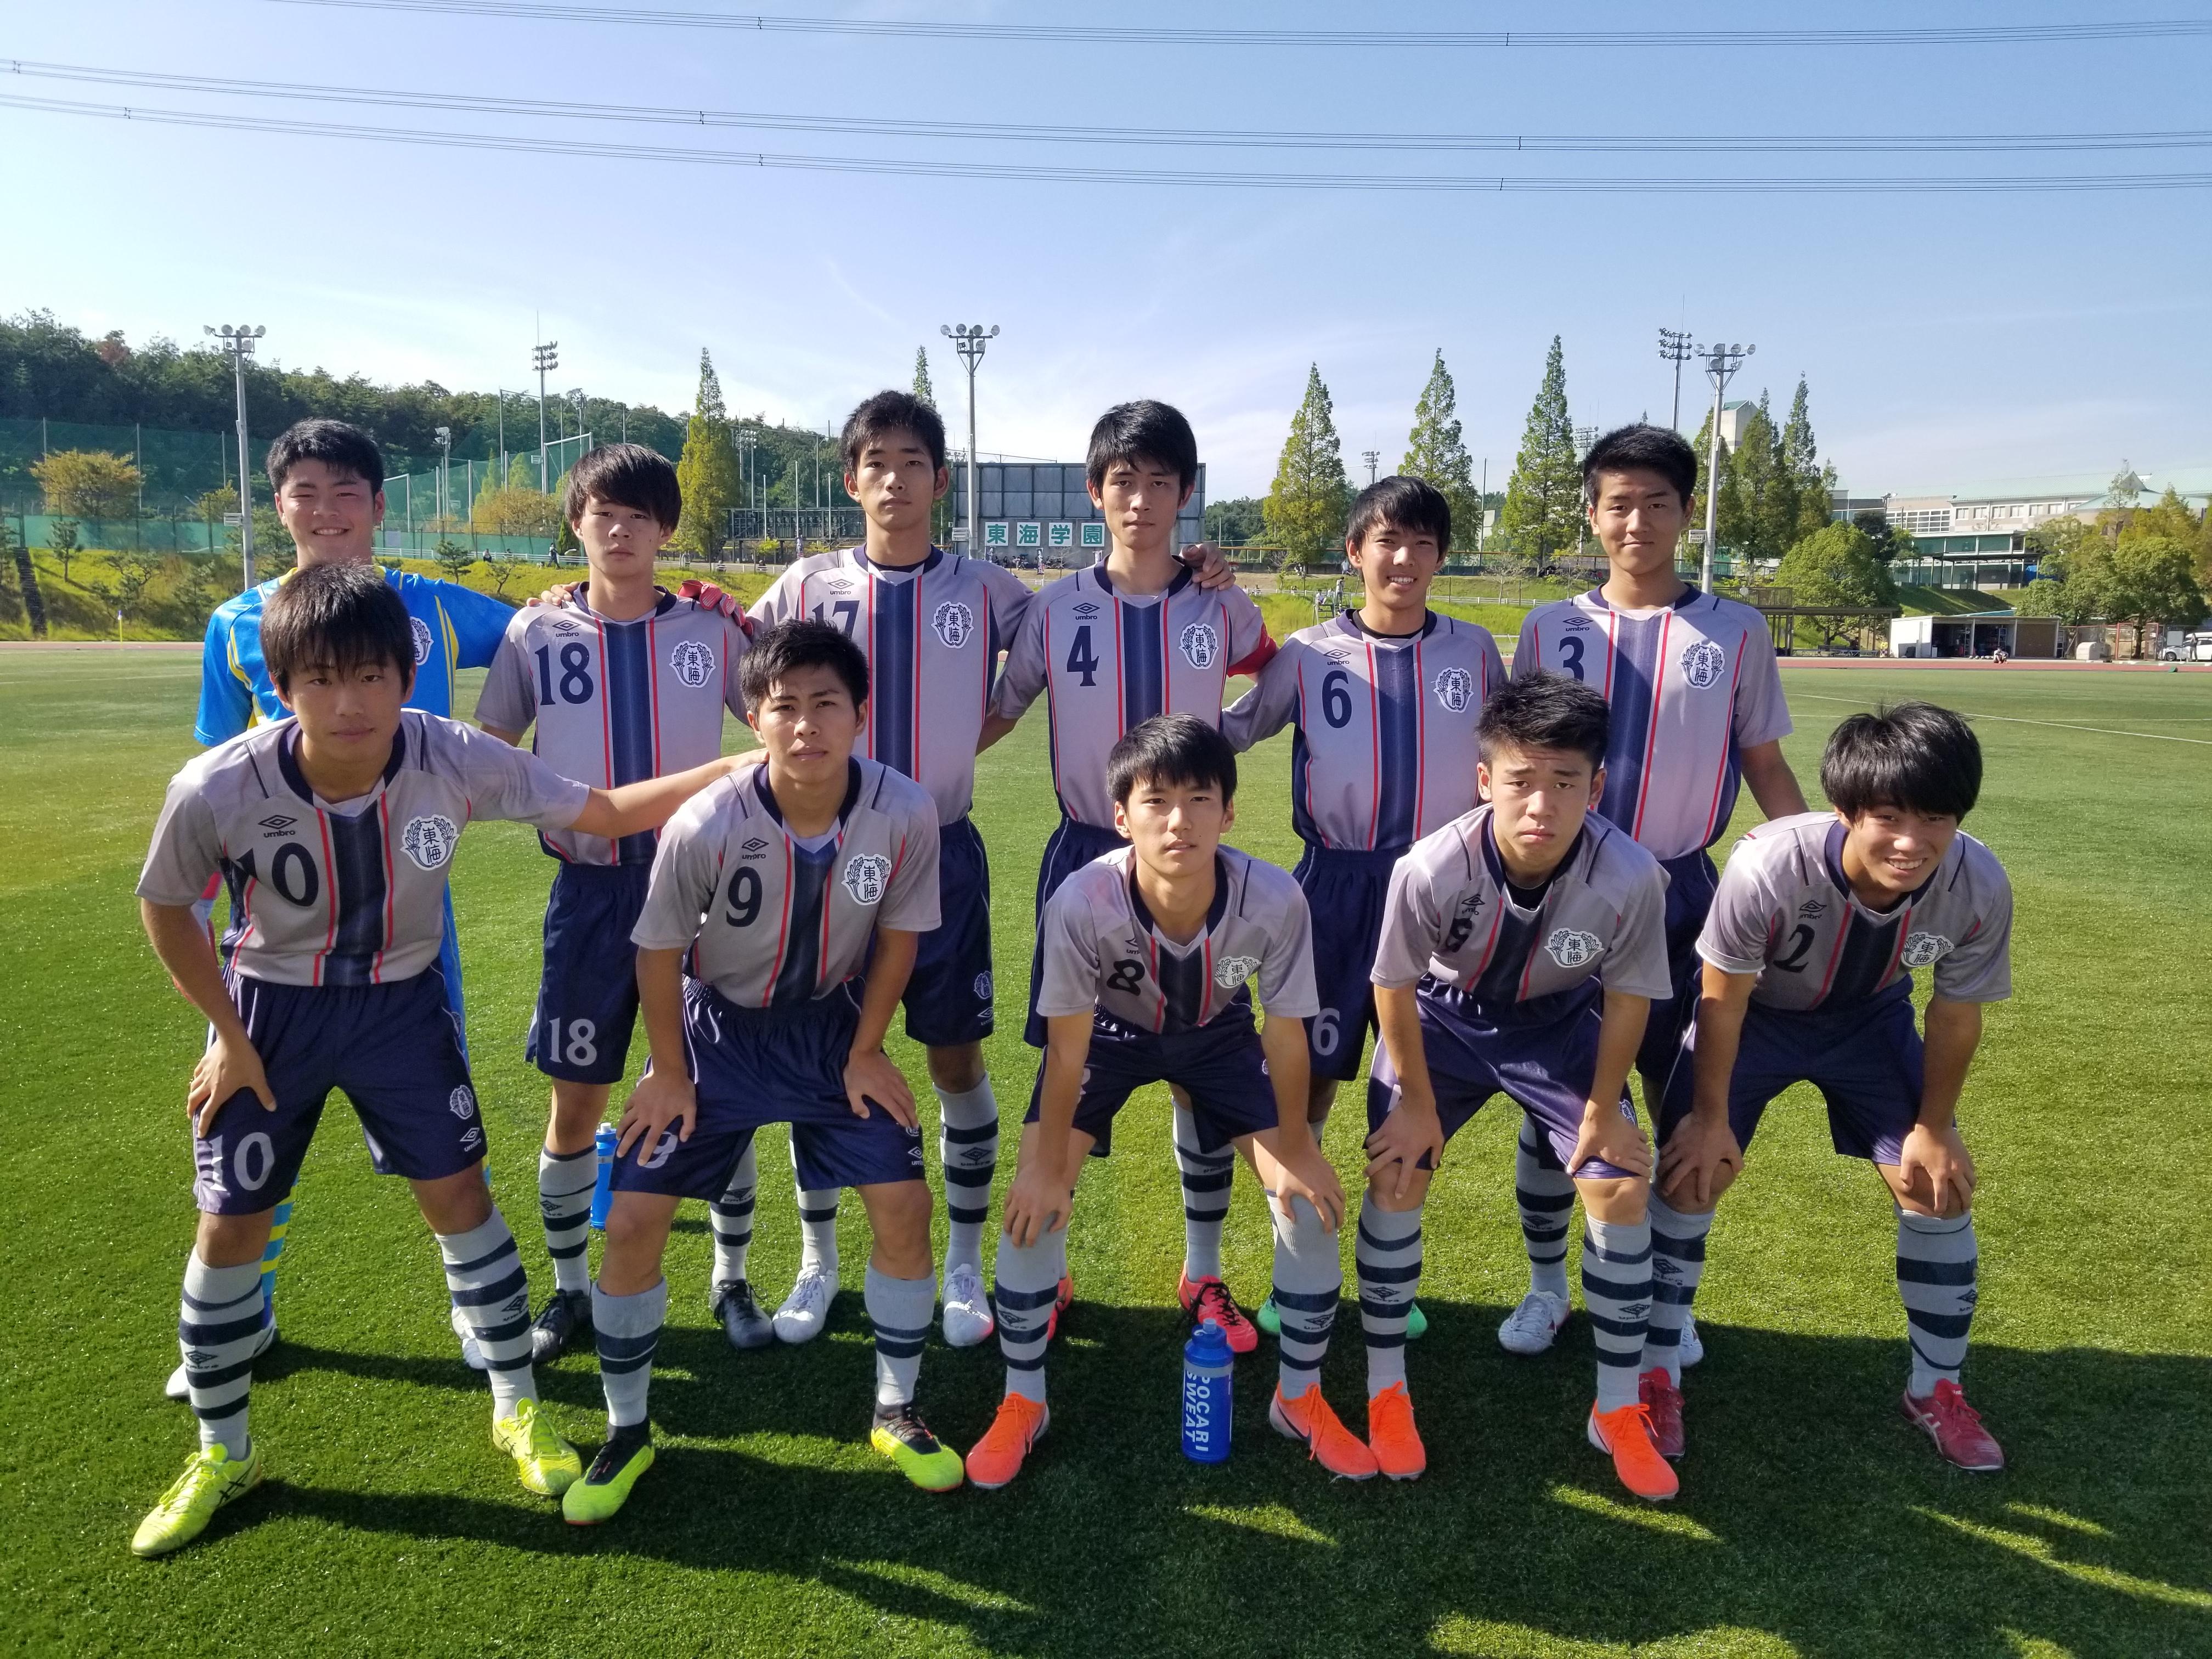 高円宮杯JFA U-18愛知県1部リーグ第16節